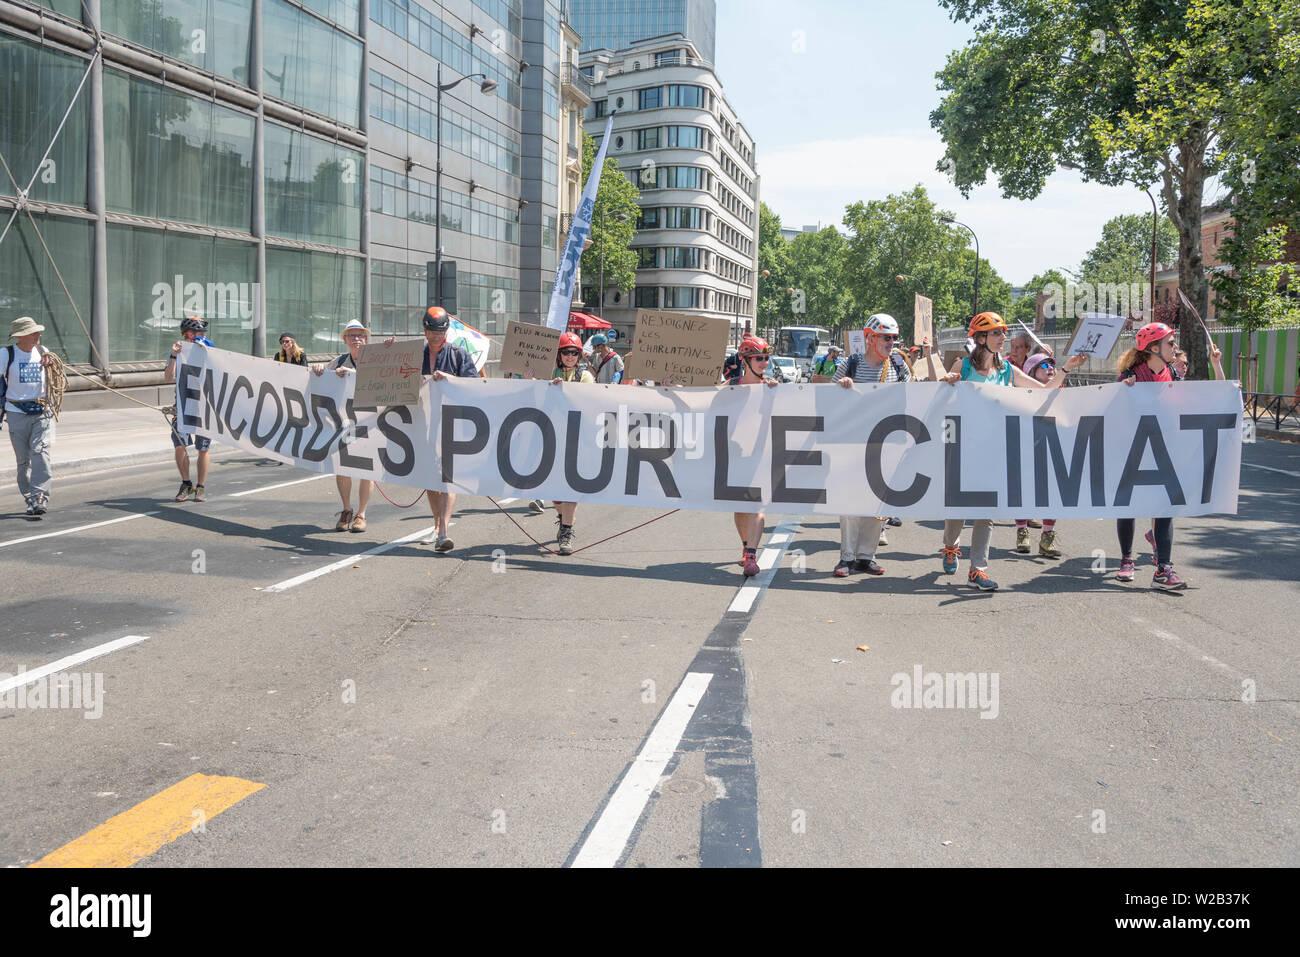 Encordé·es pour le climat à Paris ! - Stock Image